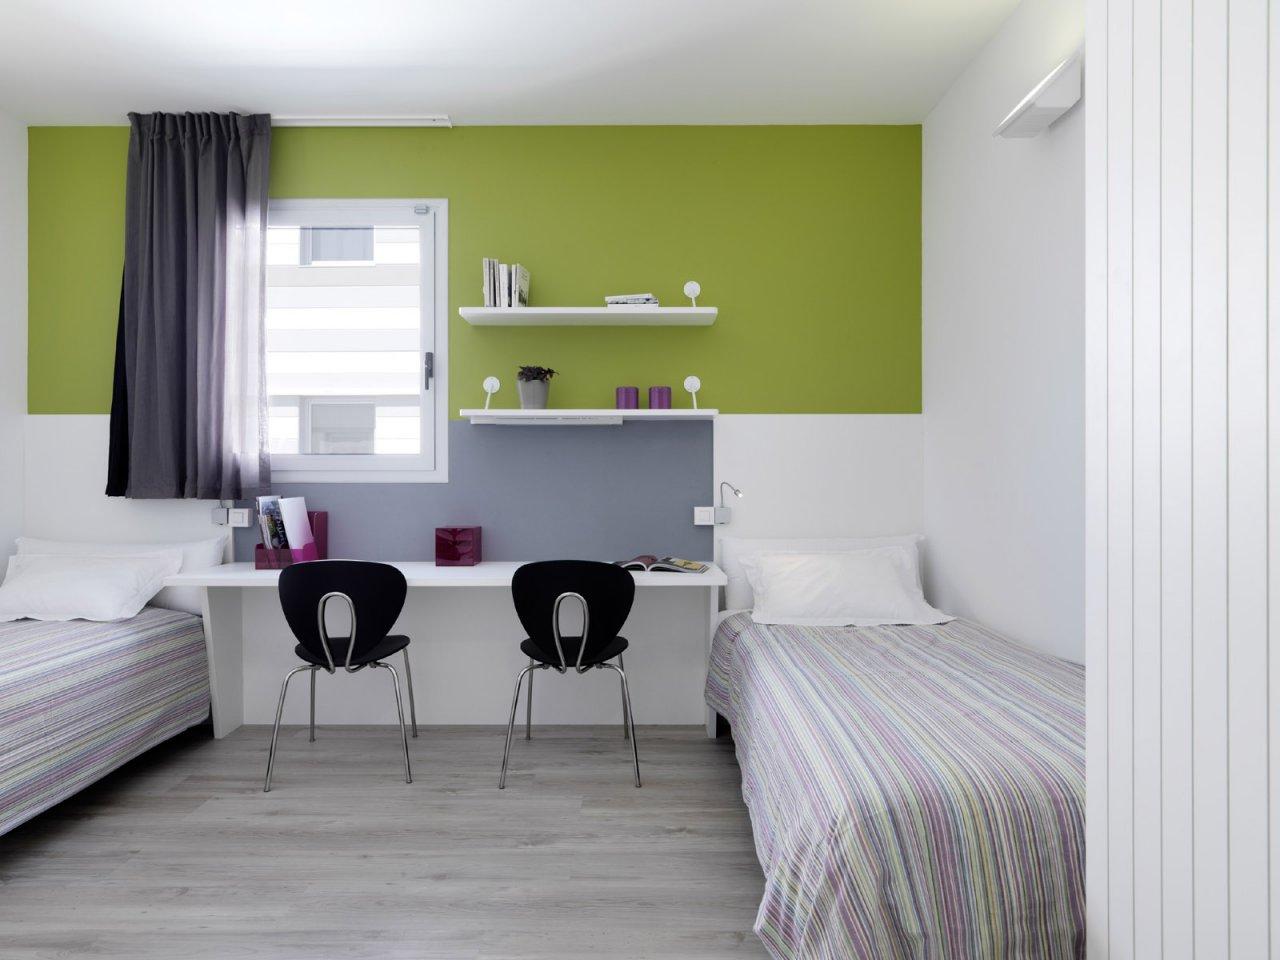 habitacion-compartida-en-residencia-universitaria